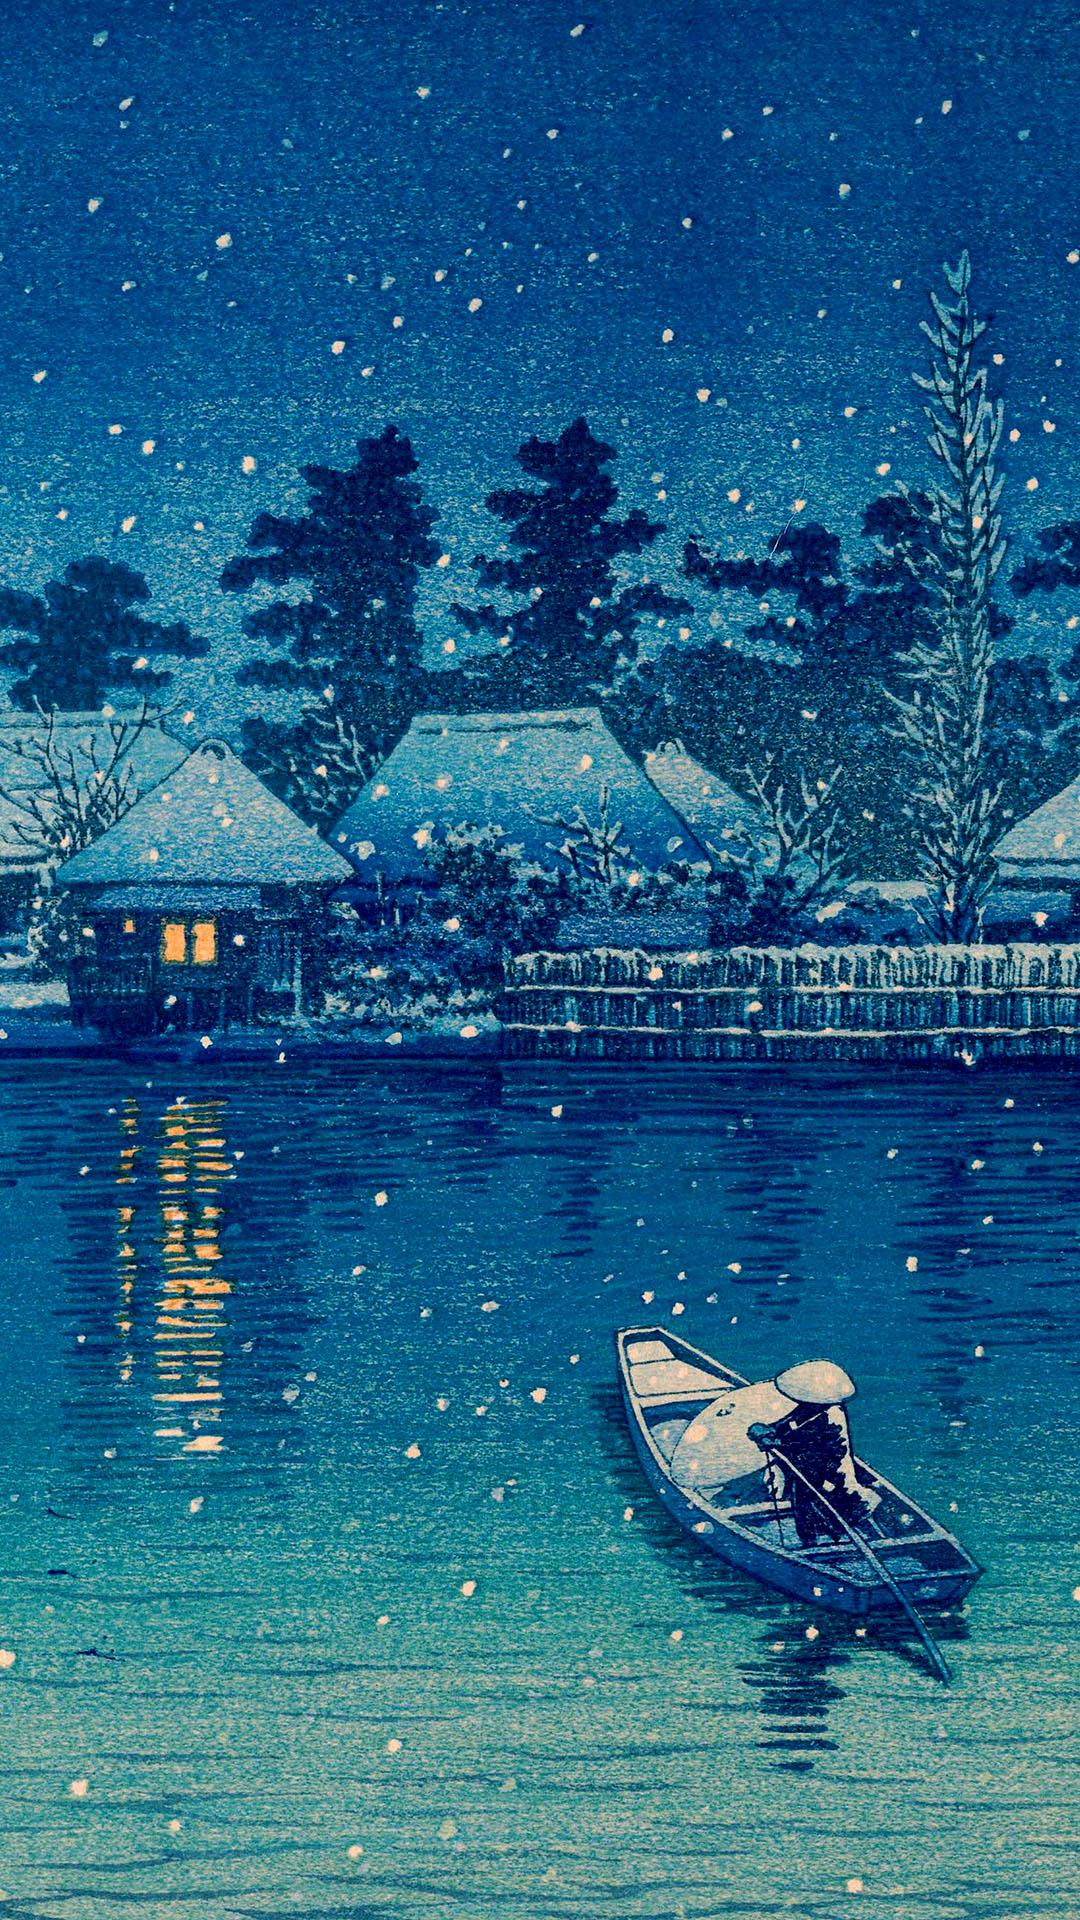 川瀬巴水 牛堀 Kawase Hasui Ushibori 1080 19 壁紙ギャラリー Kagirohi 川瀬 巴 水 ランドスケープアート 日本画